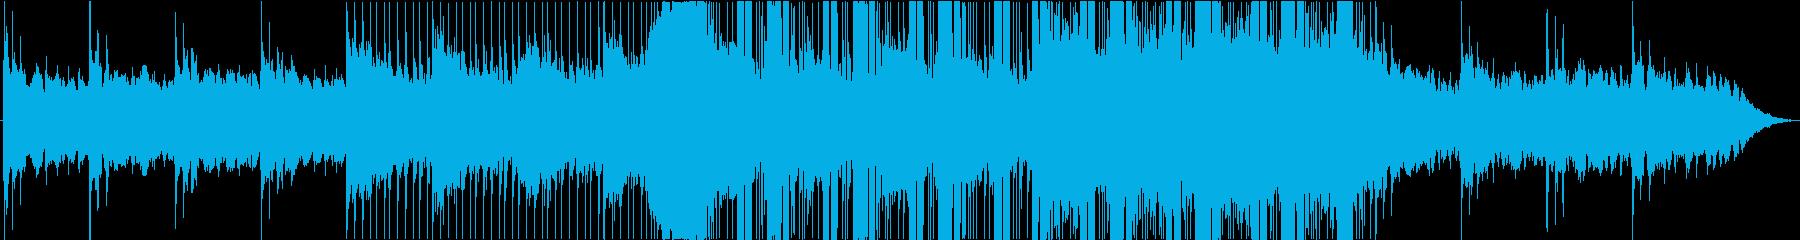 ミステリアスなBGMの再生済みの波形